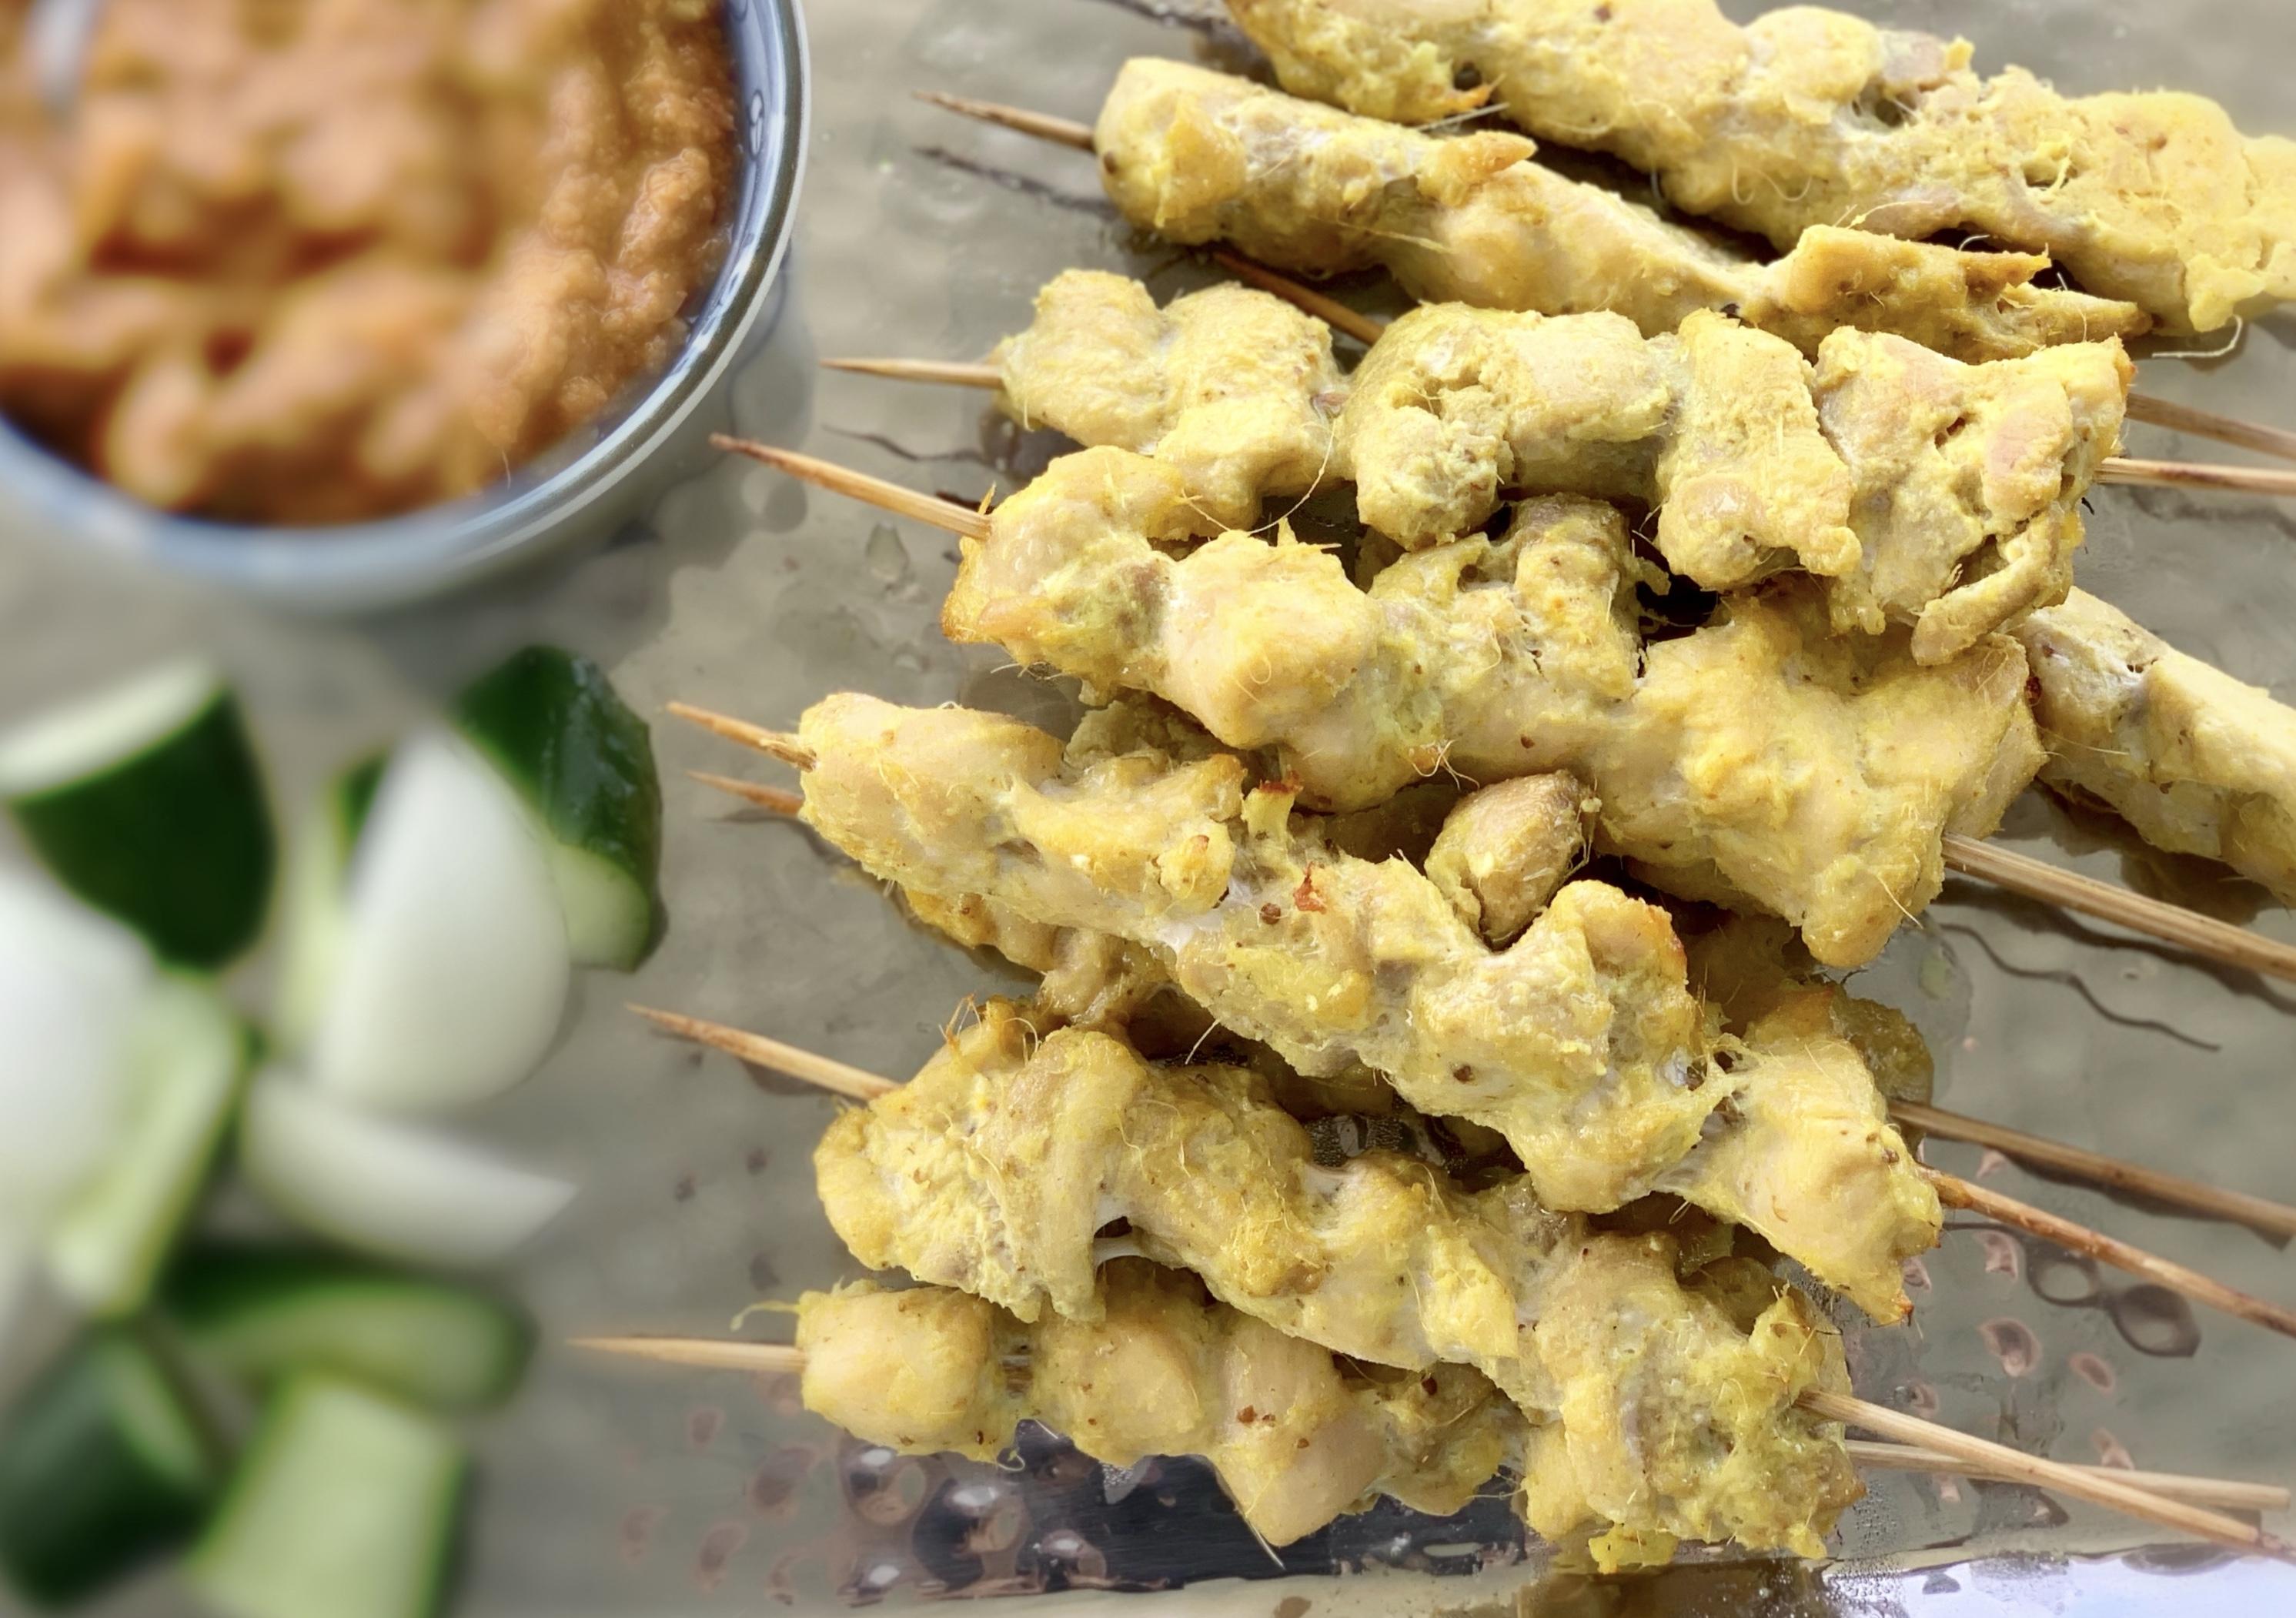 Chicken Satay沙嗲鸡肉串shā diǎ jī ròu chuàn